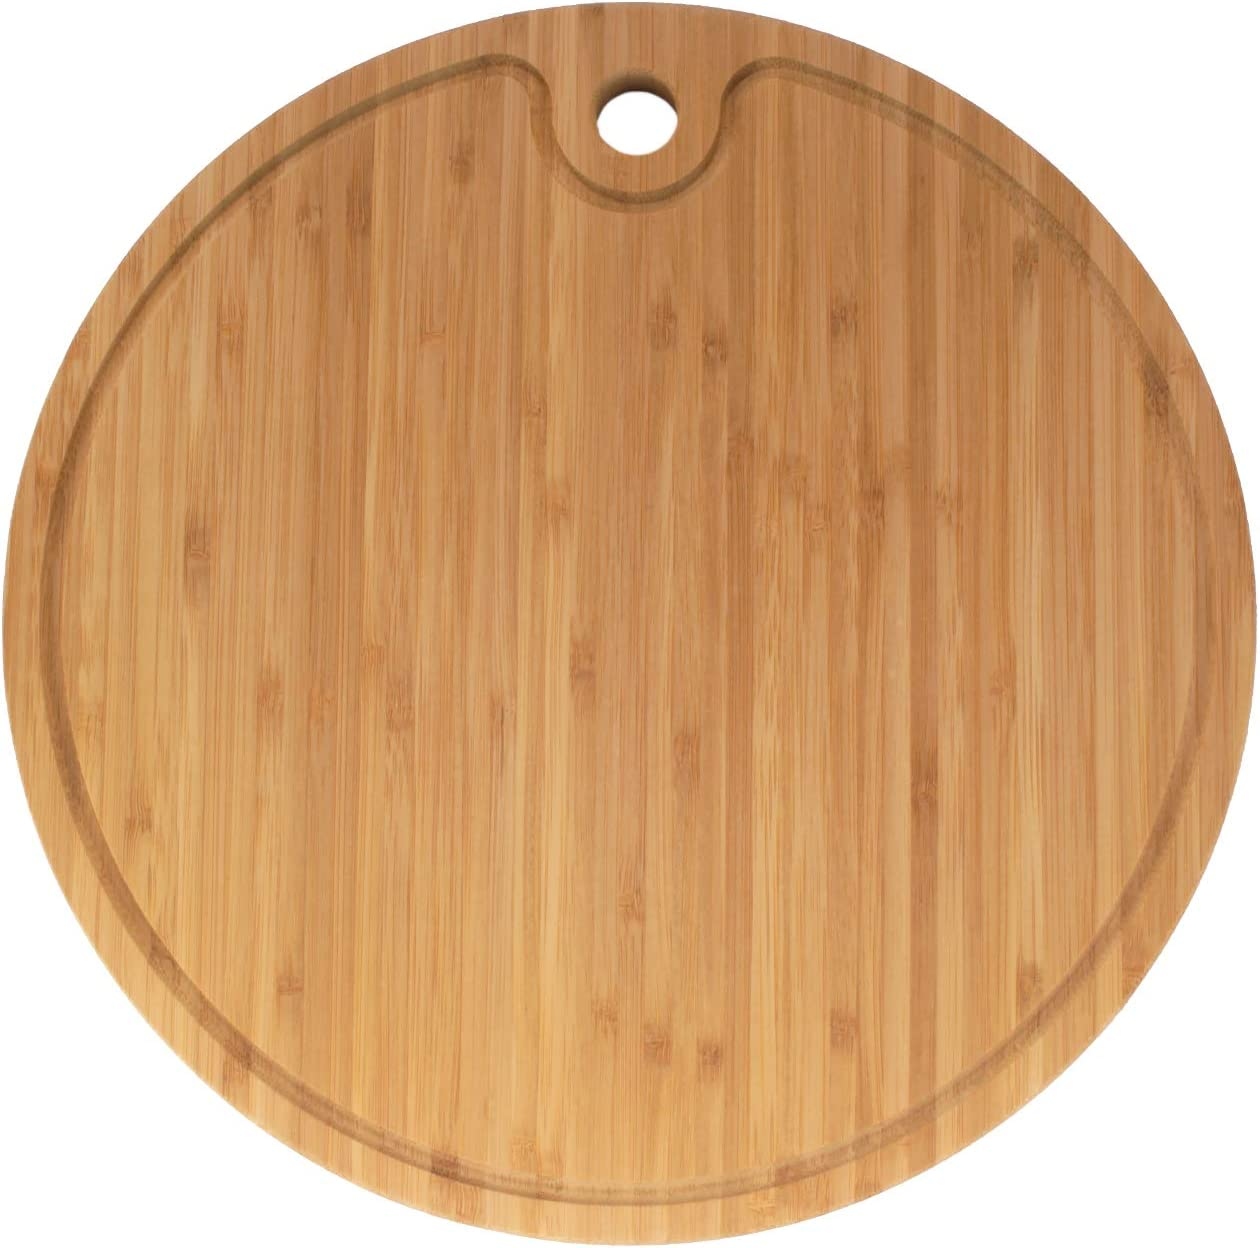 2pcs Bamboo Wood Round Servierplatte für Tea Leaf Obst Gemüse 2 Größen